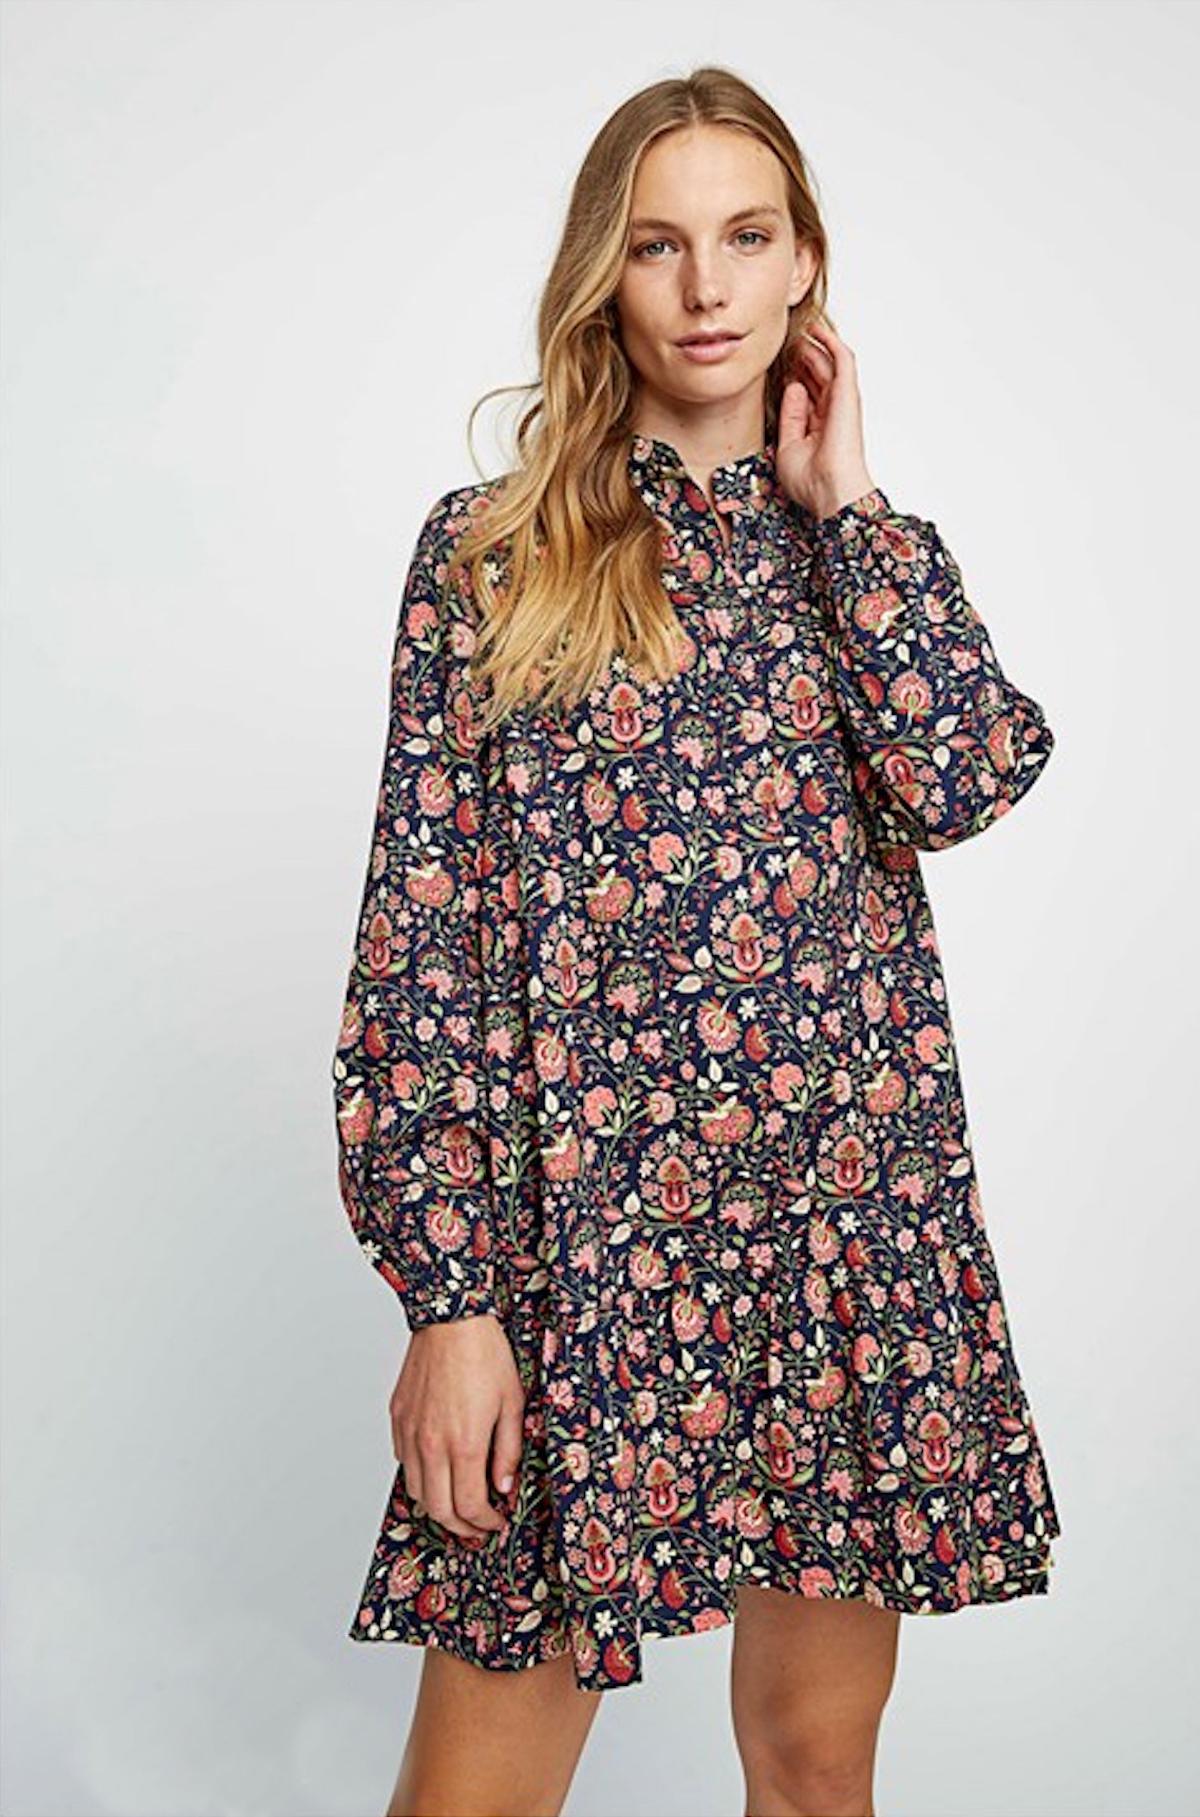 Trajnostna moda pomladne obleke eko beautyfullblog